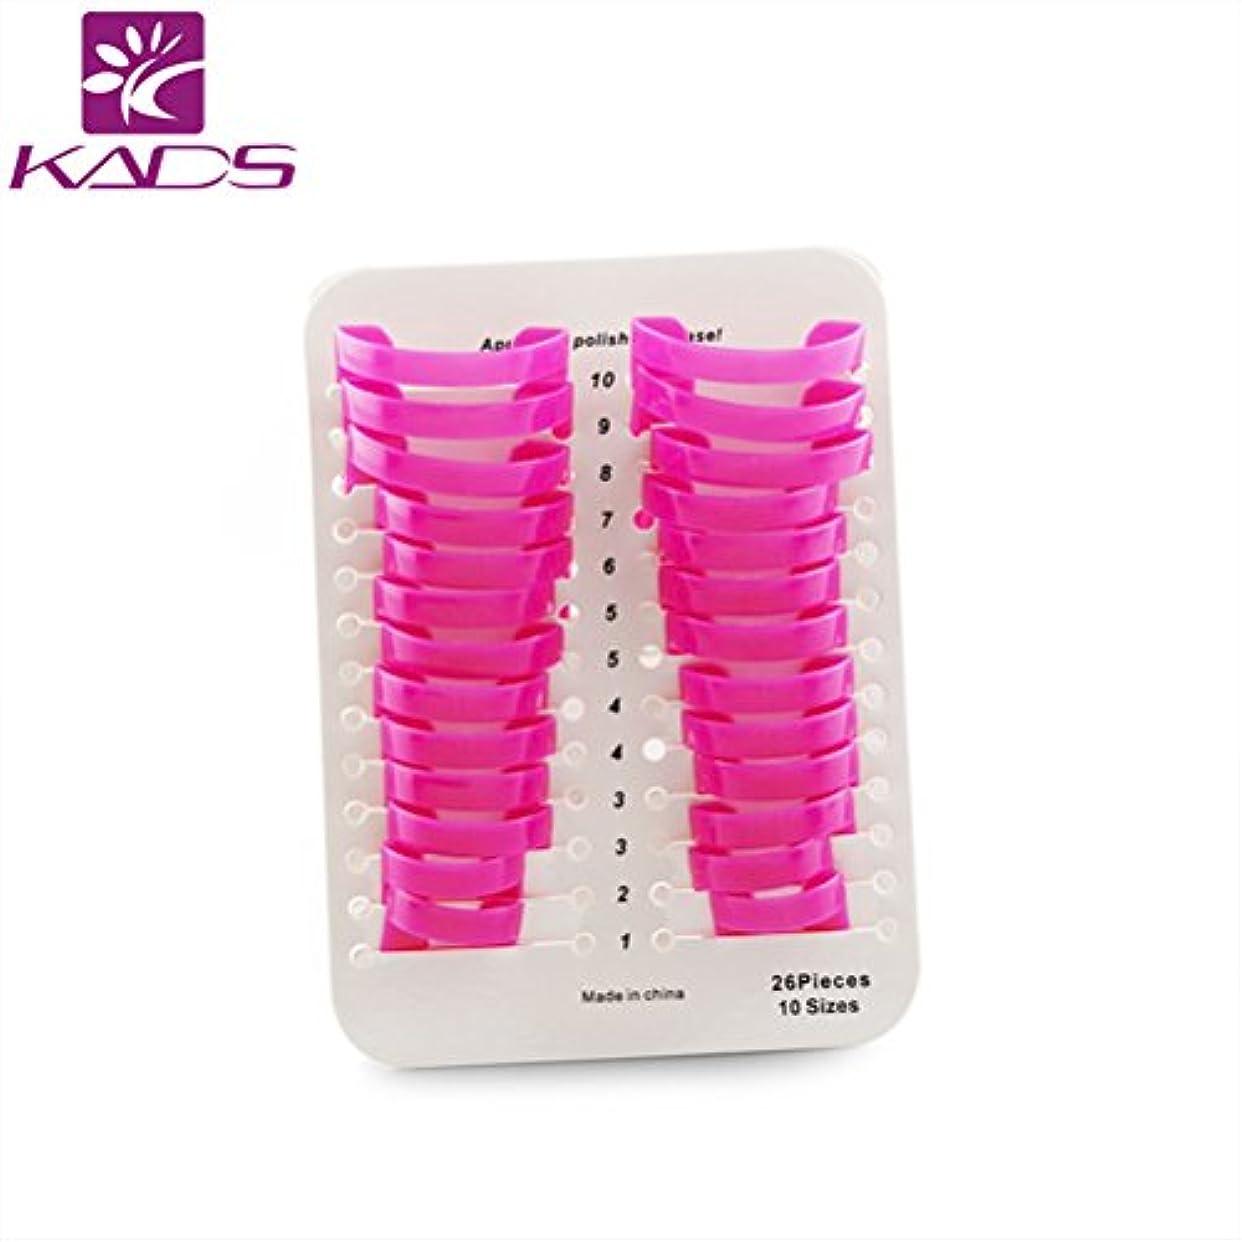 苦ビバ冷凍庫KADS ネイルカバー ネイルプロテクター はみ出し防止 マニキュアネイルケアステンシル 26枚入り